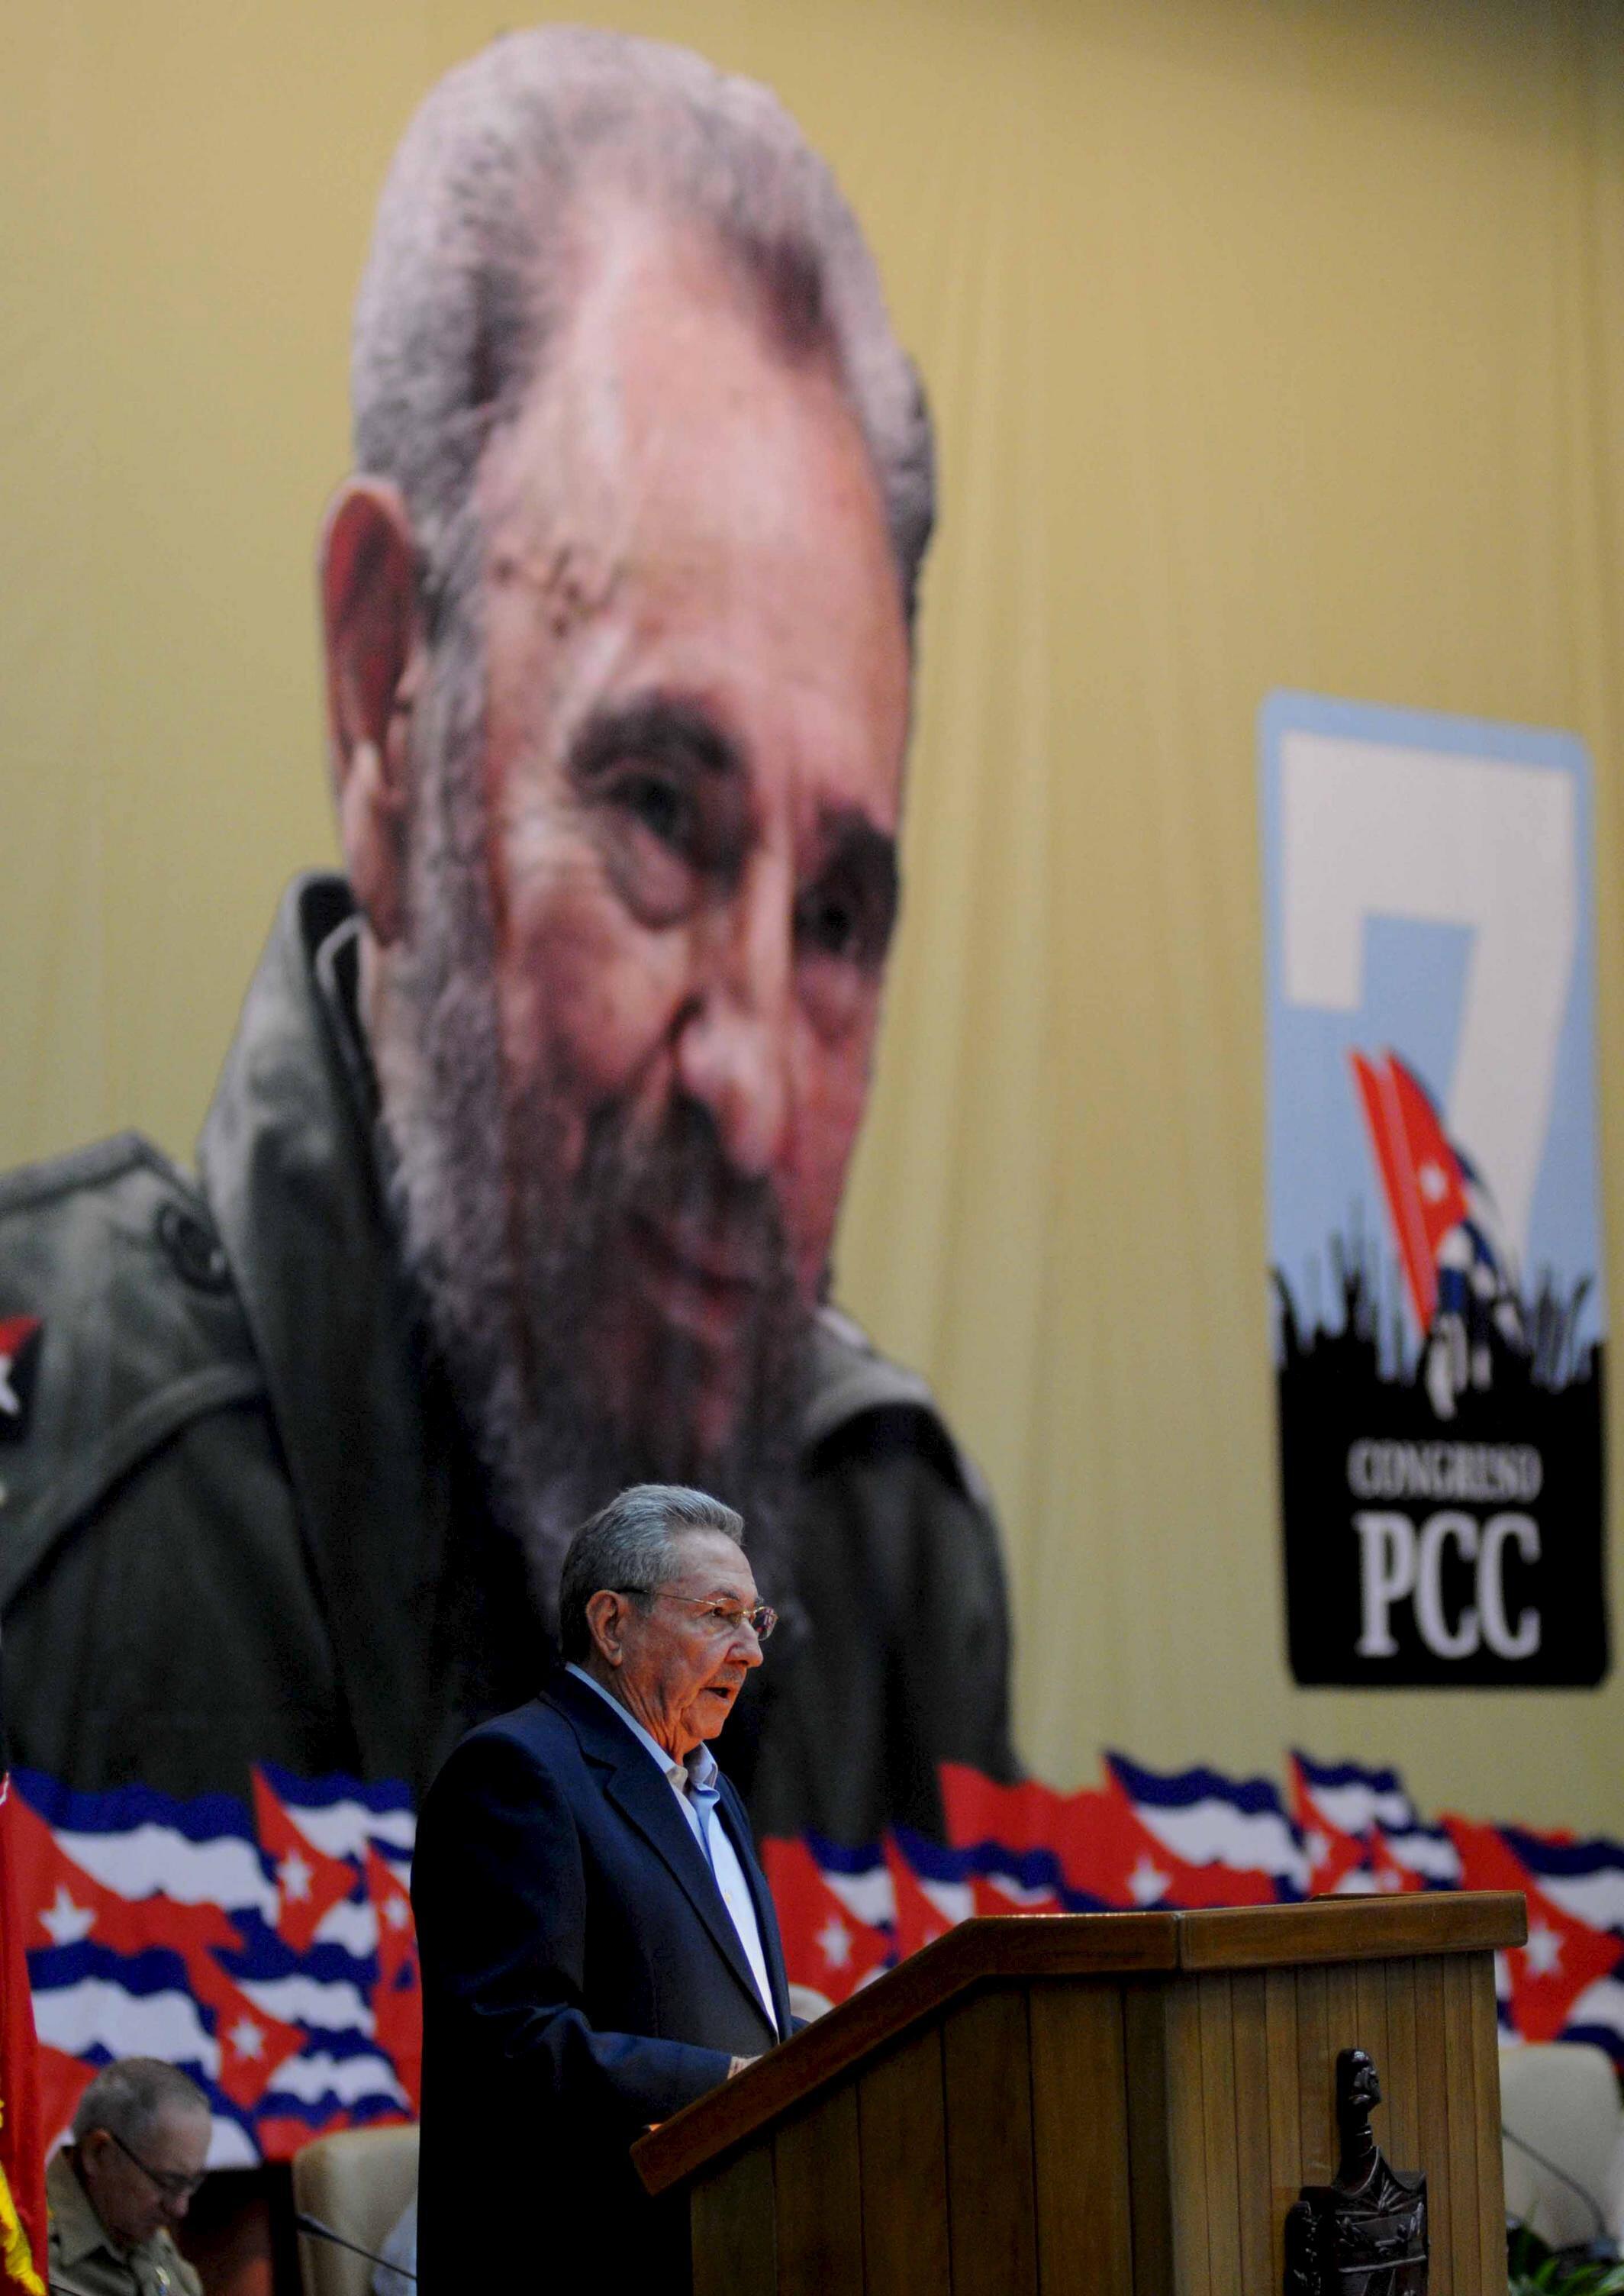 Chủ tịch Raul Castro phát biểu trong lễ khai mạc Đại hội Đảng Cộng sản Cuba lần 7 tại La Habana ngày 16/04/2016.